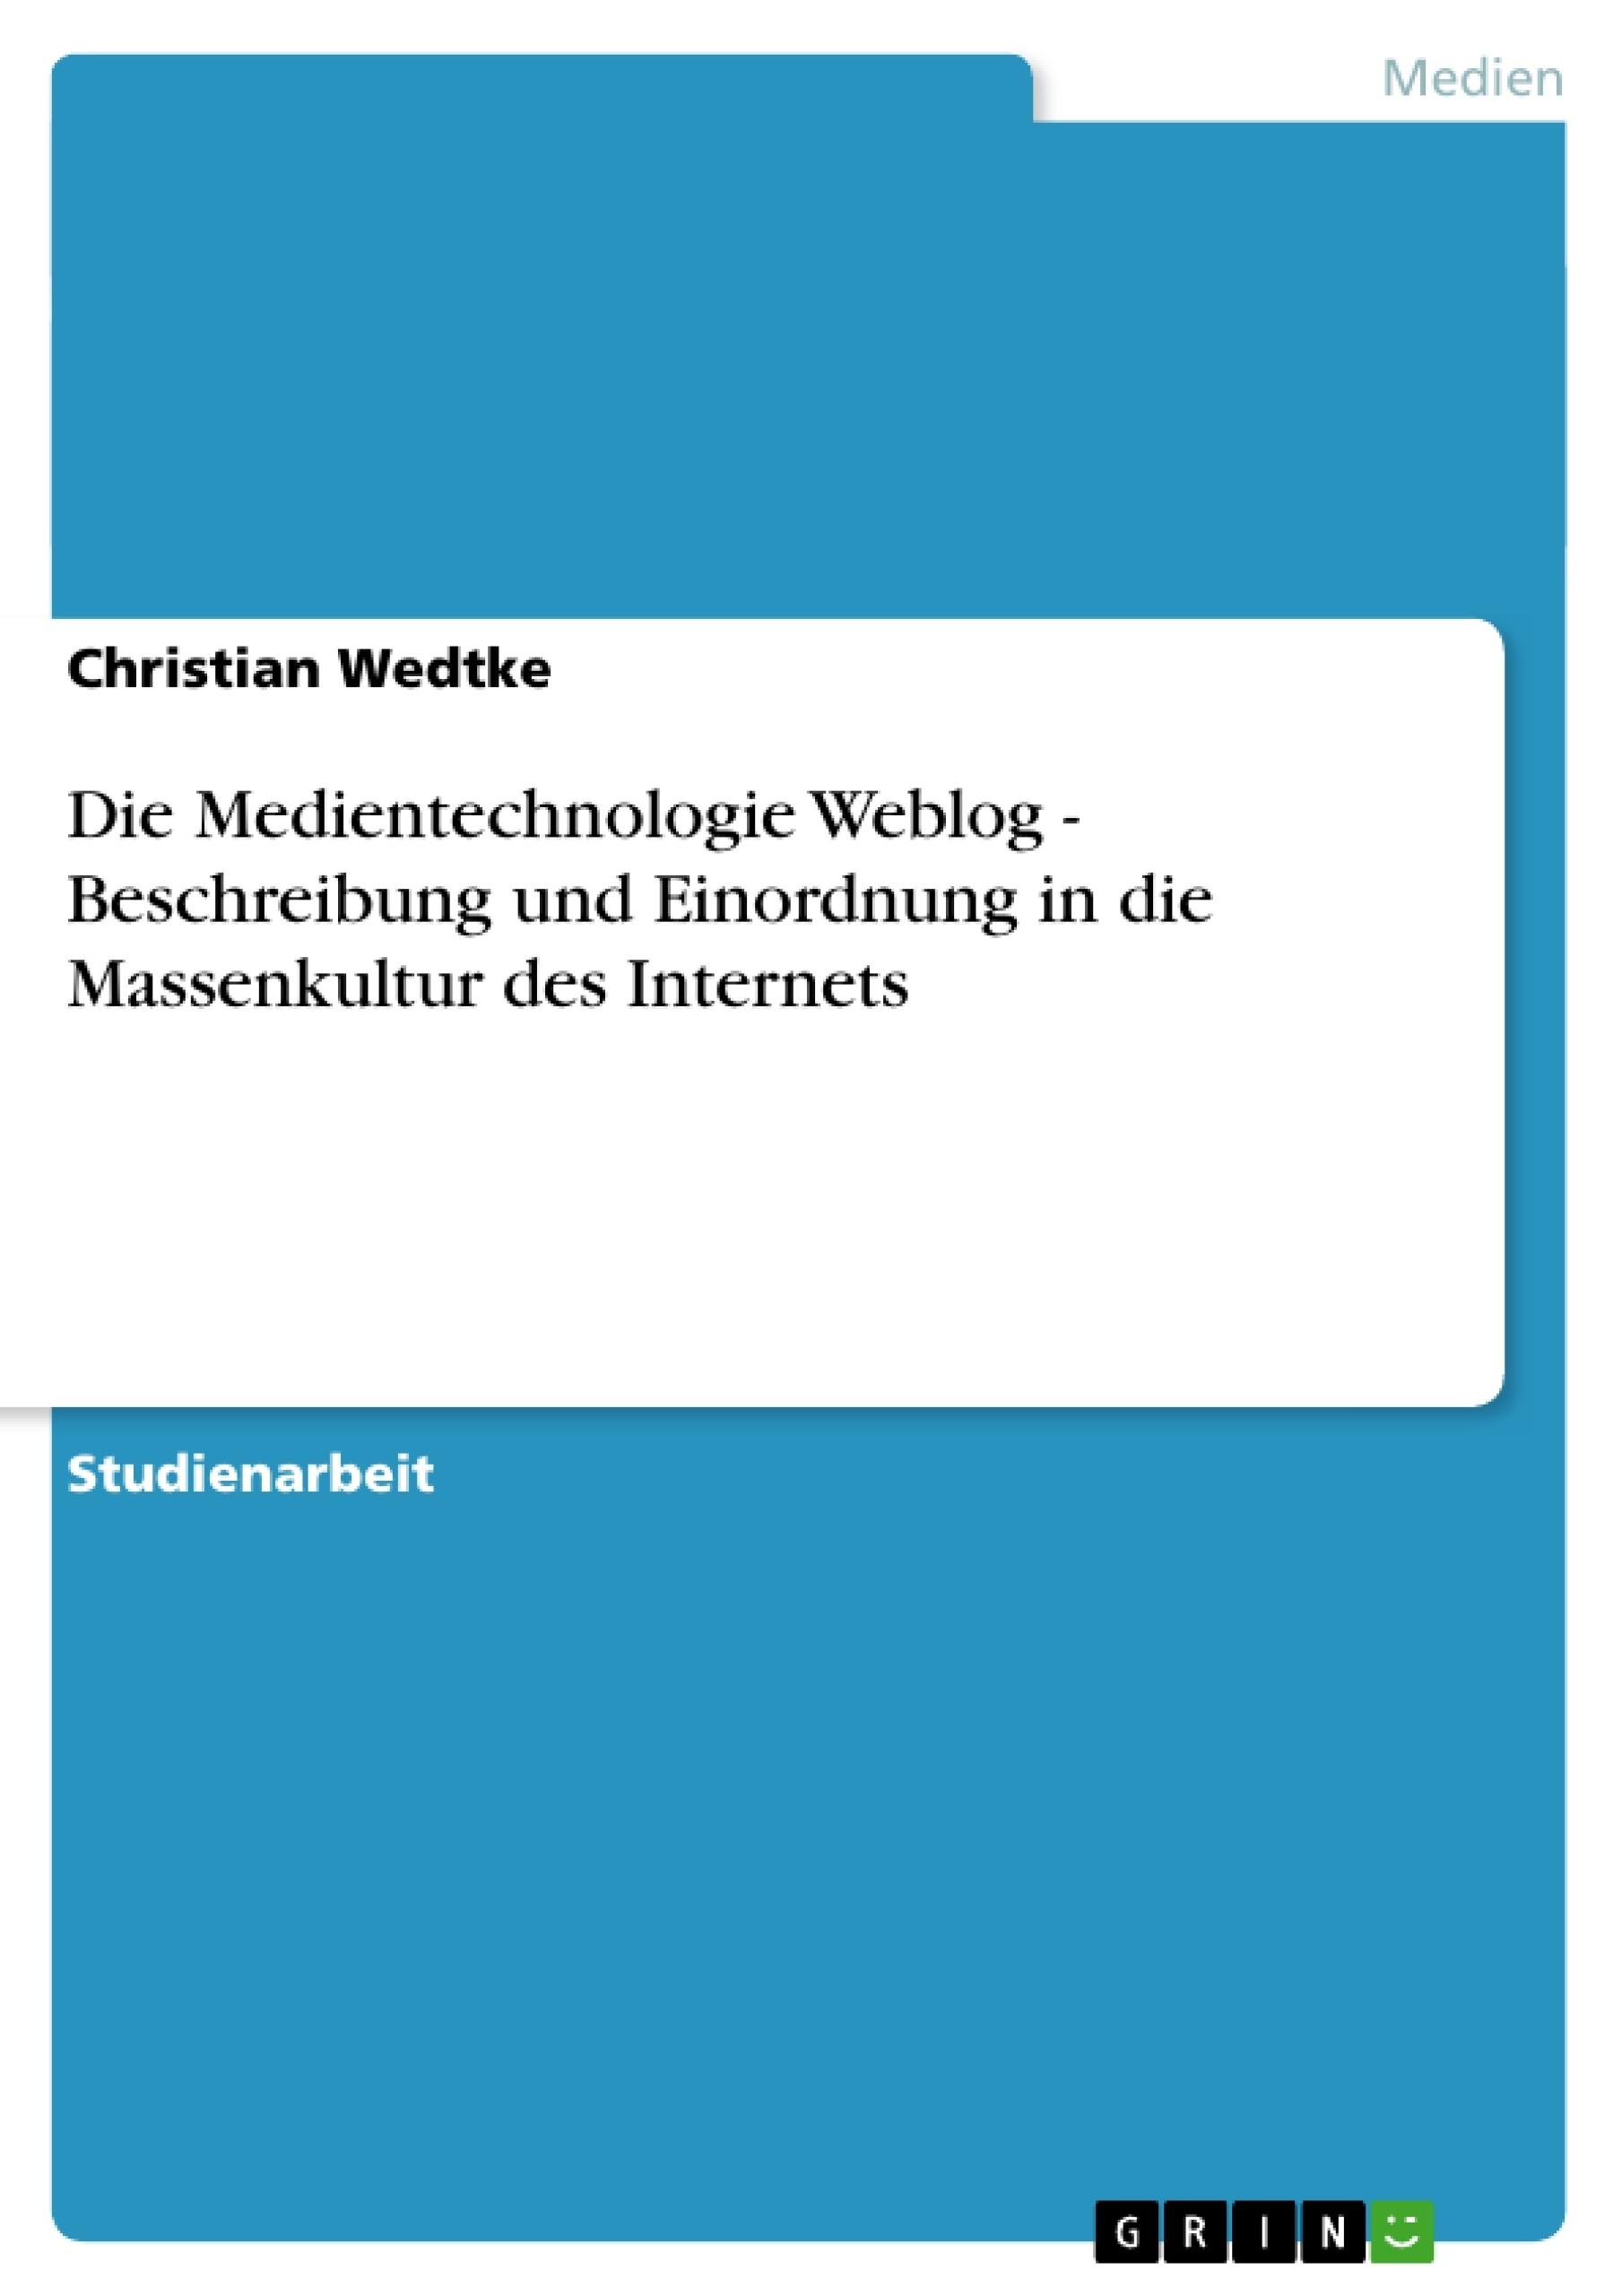 Titel: Die Medientechnologie Weblog - Beschreibung und Einordnung in die Massenkultur des Internets